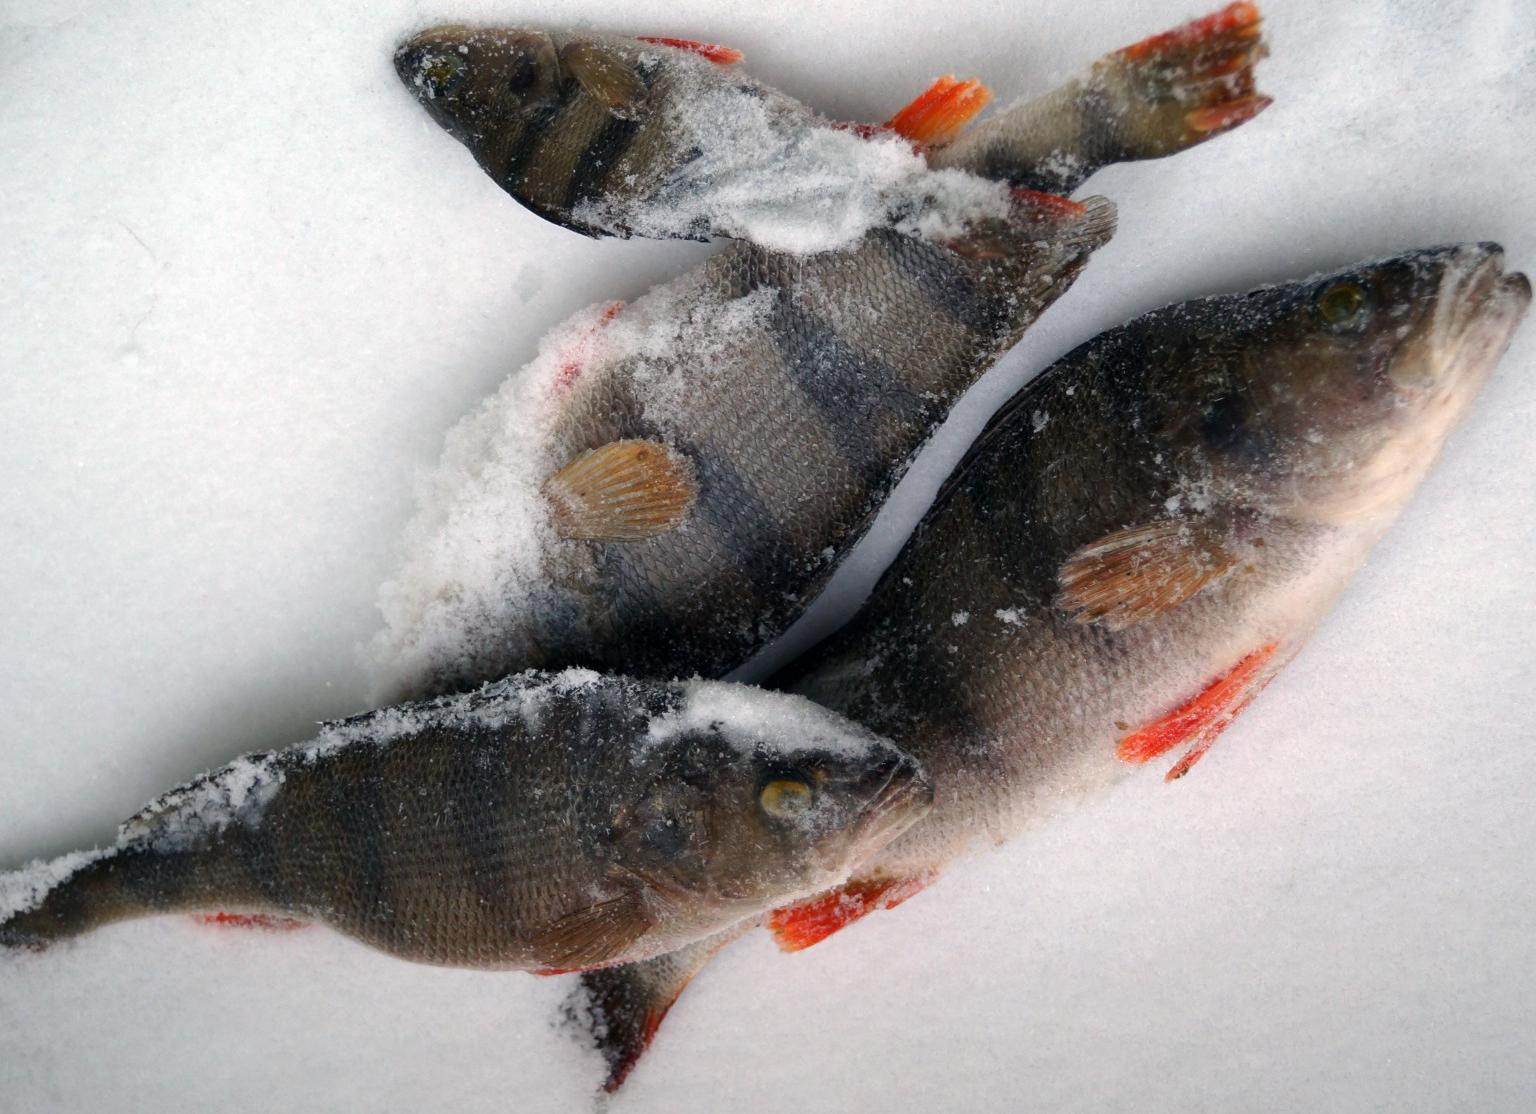 Карповское водохранилище волгоградской области рыбалка зимой